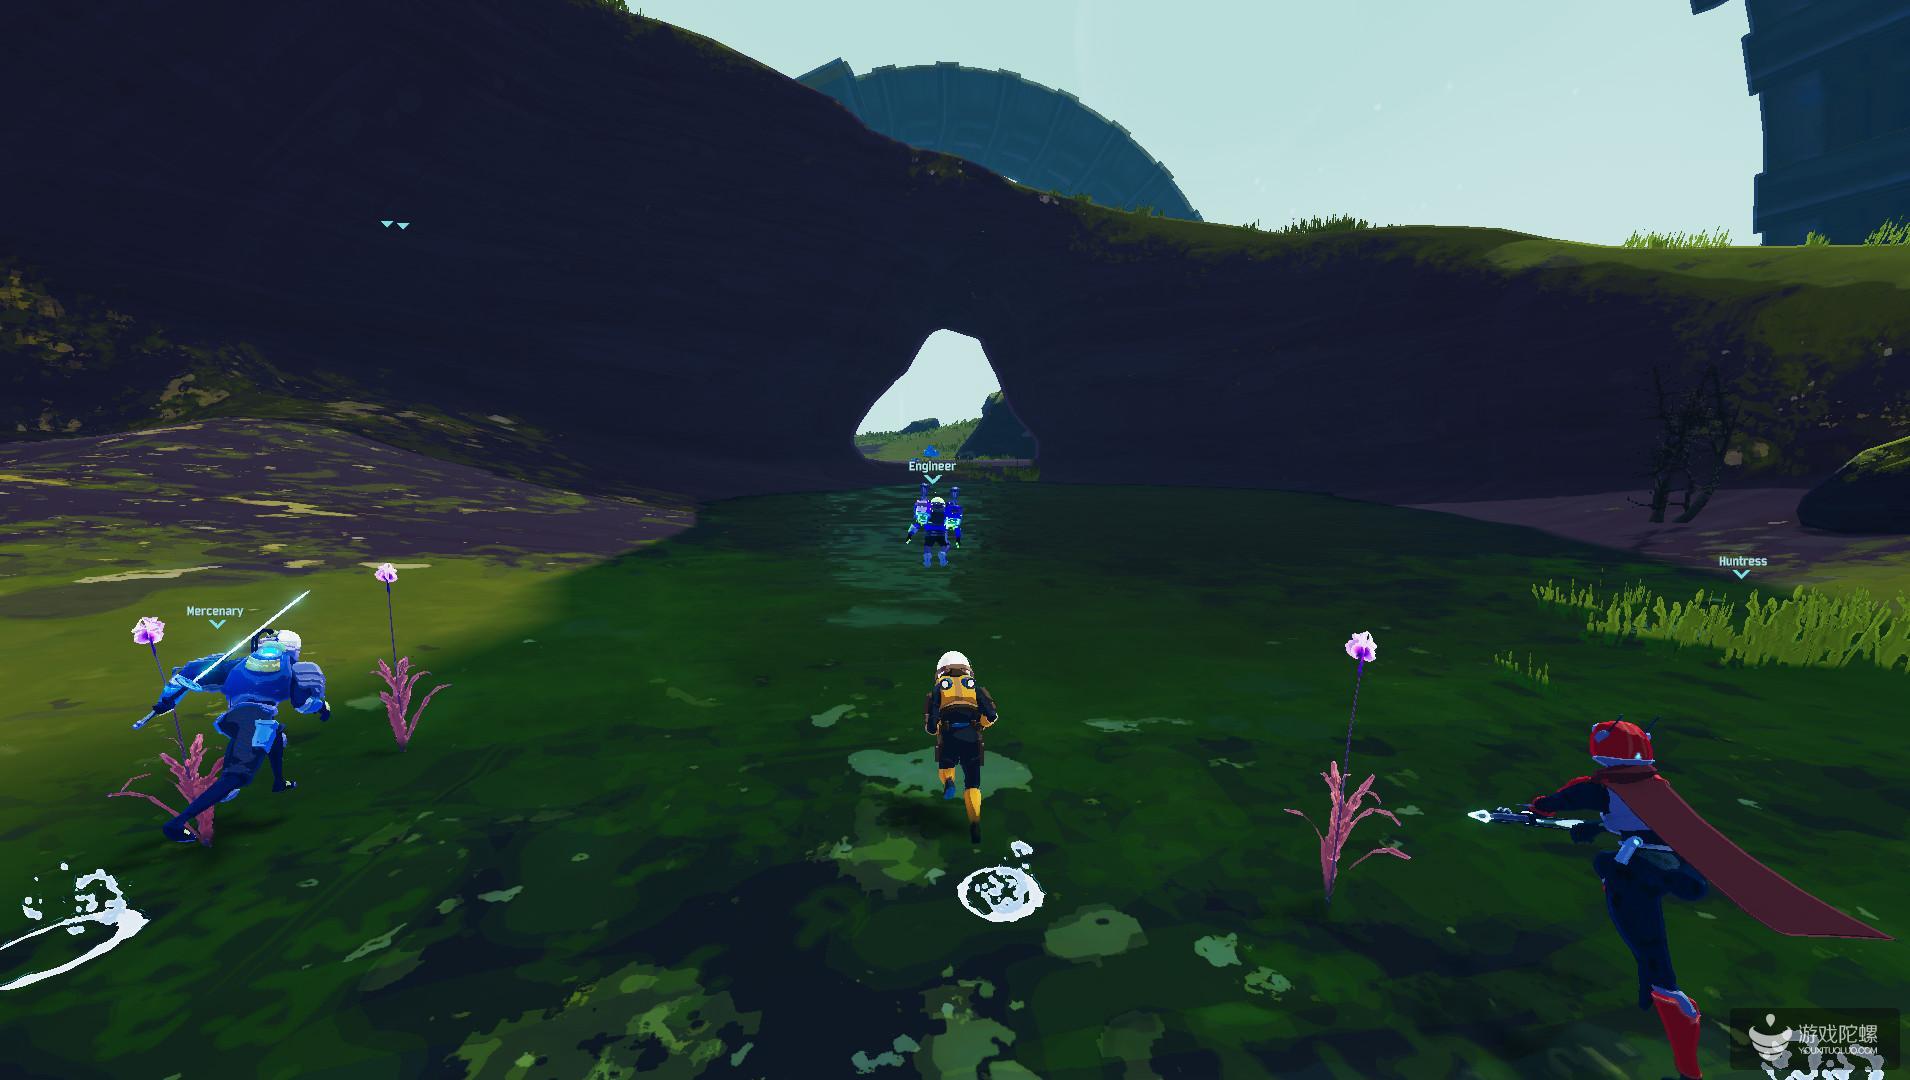 Steam周销量排行榜:《只狼:影逝二度》三连冠,《雨中探险2》位居第二